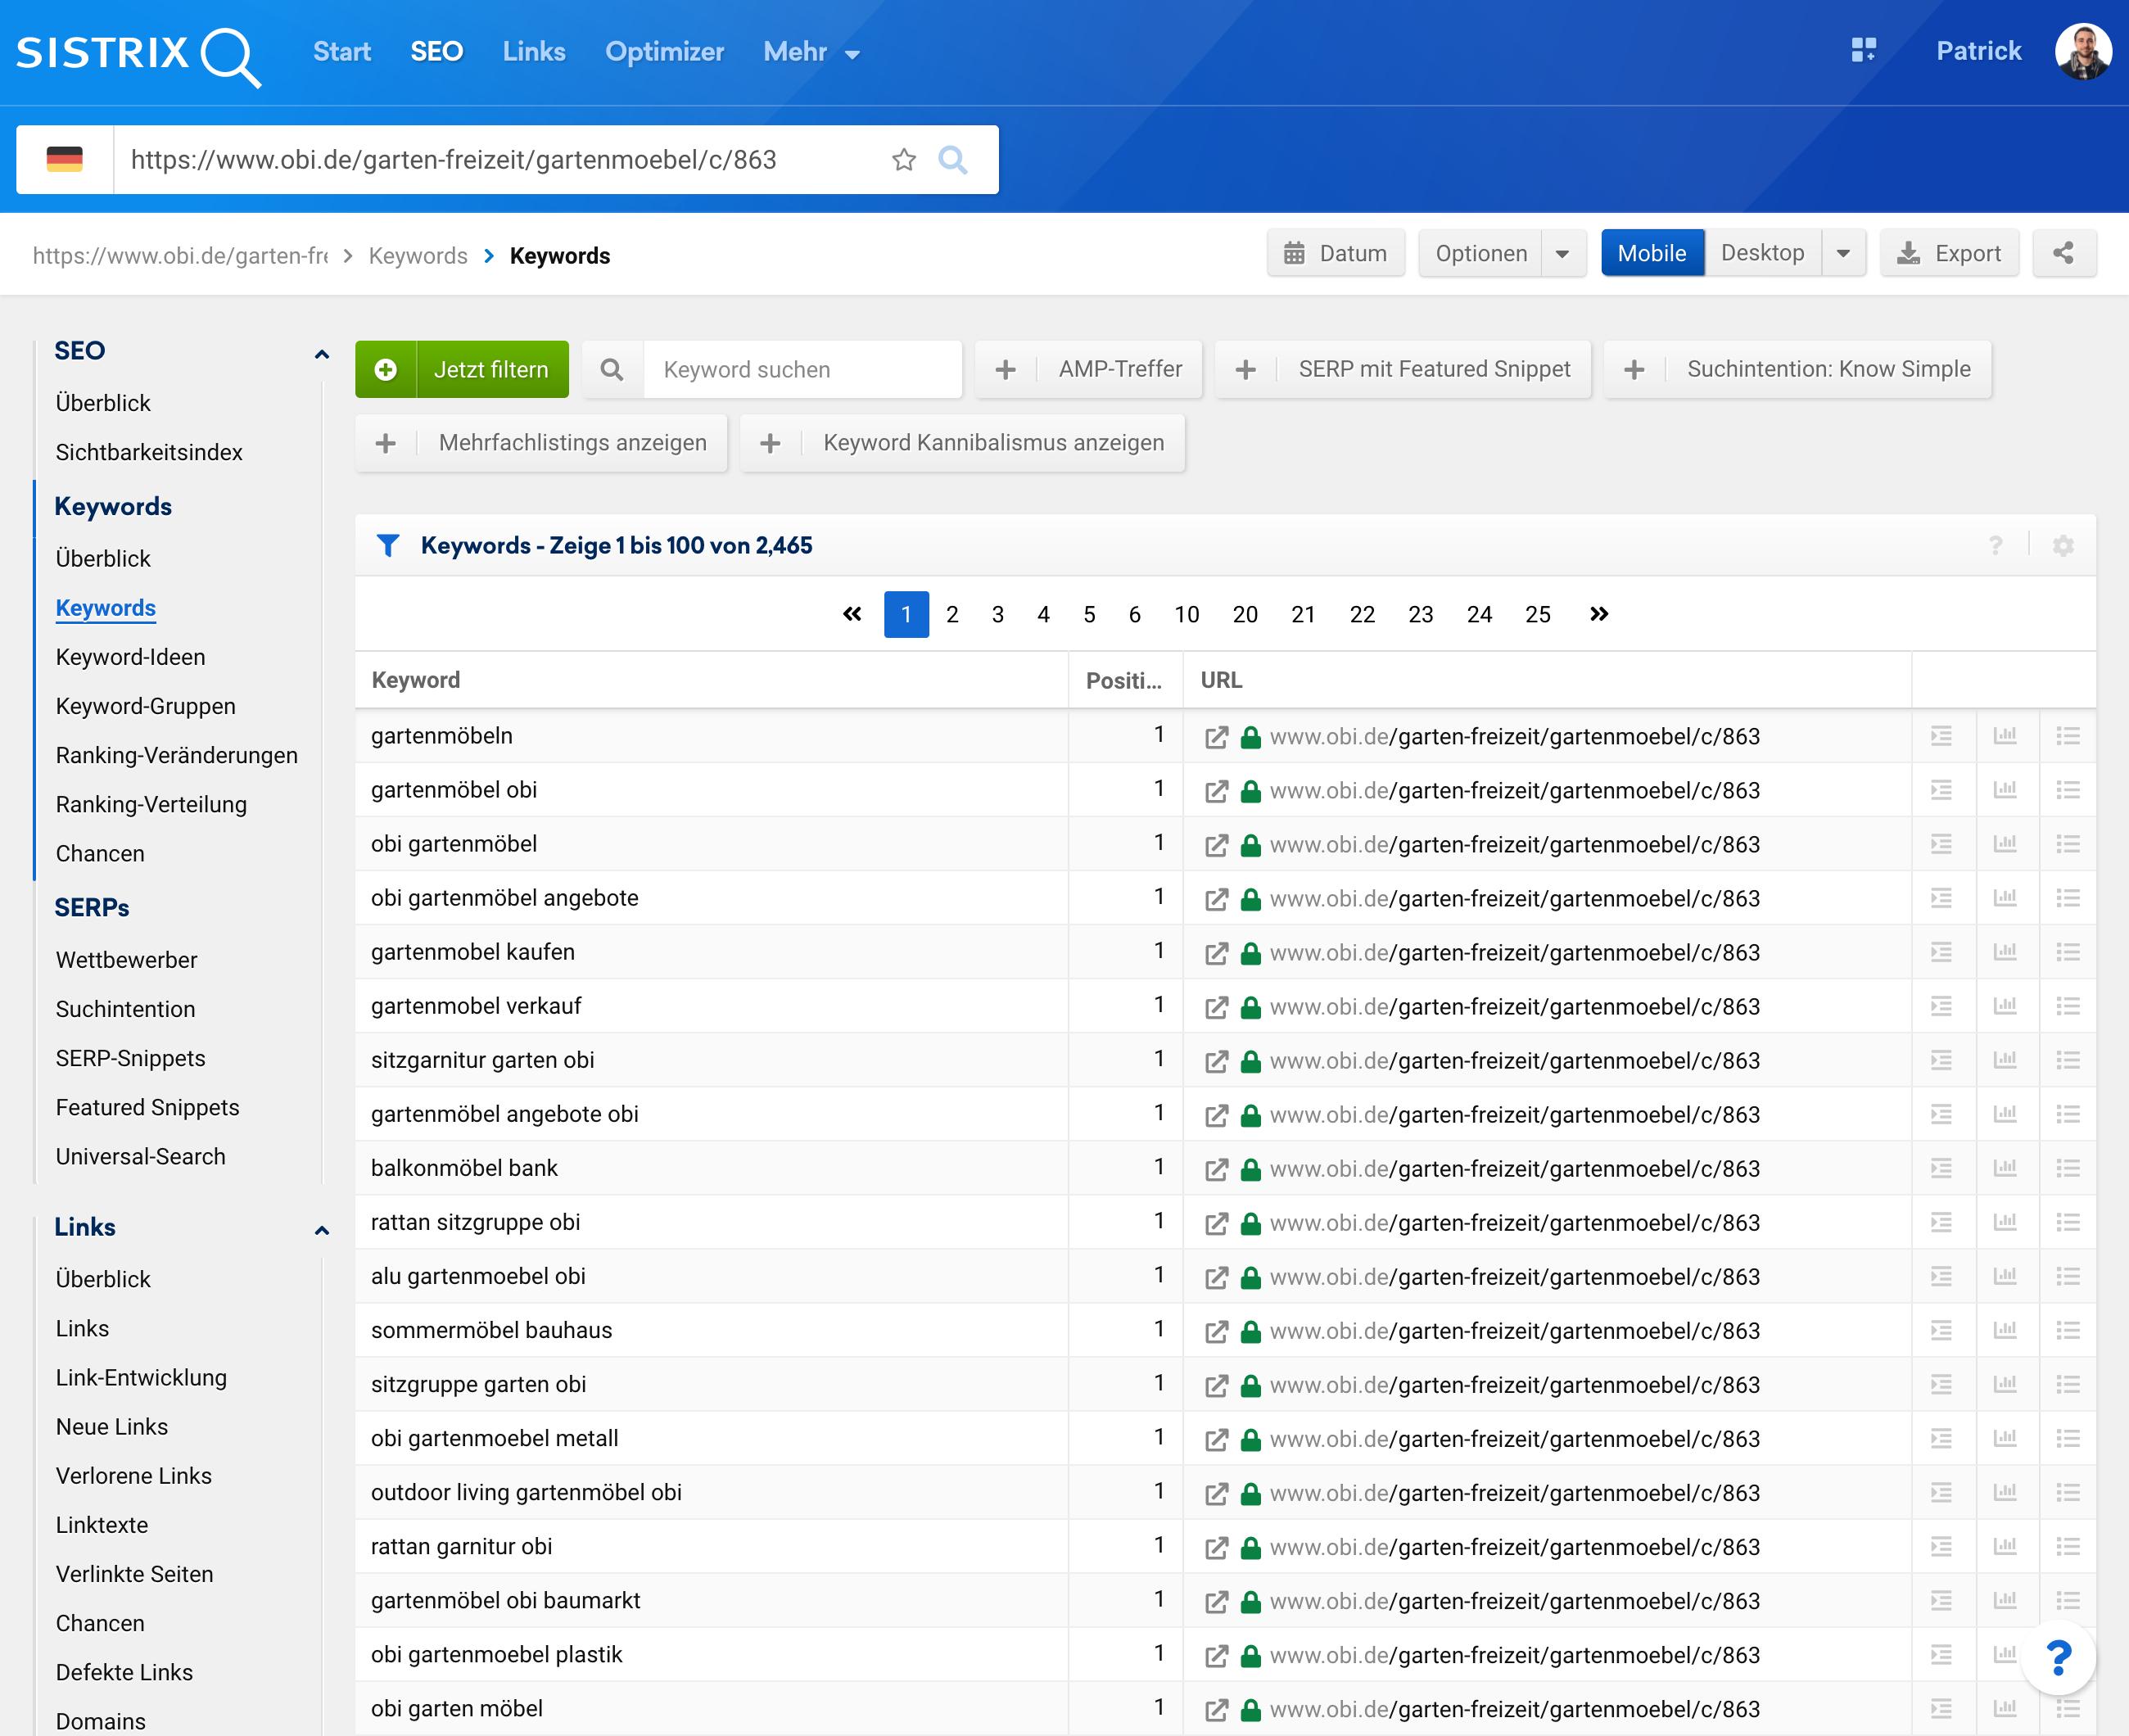 Ansicht der Keywords-Seite der Toolbox bei Eingabe einer einzelnen URL in die Suchleiste.